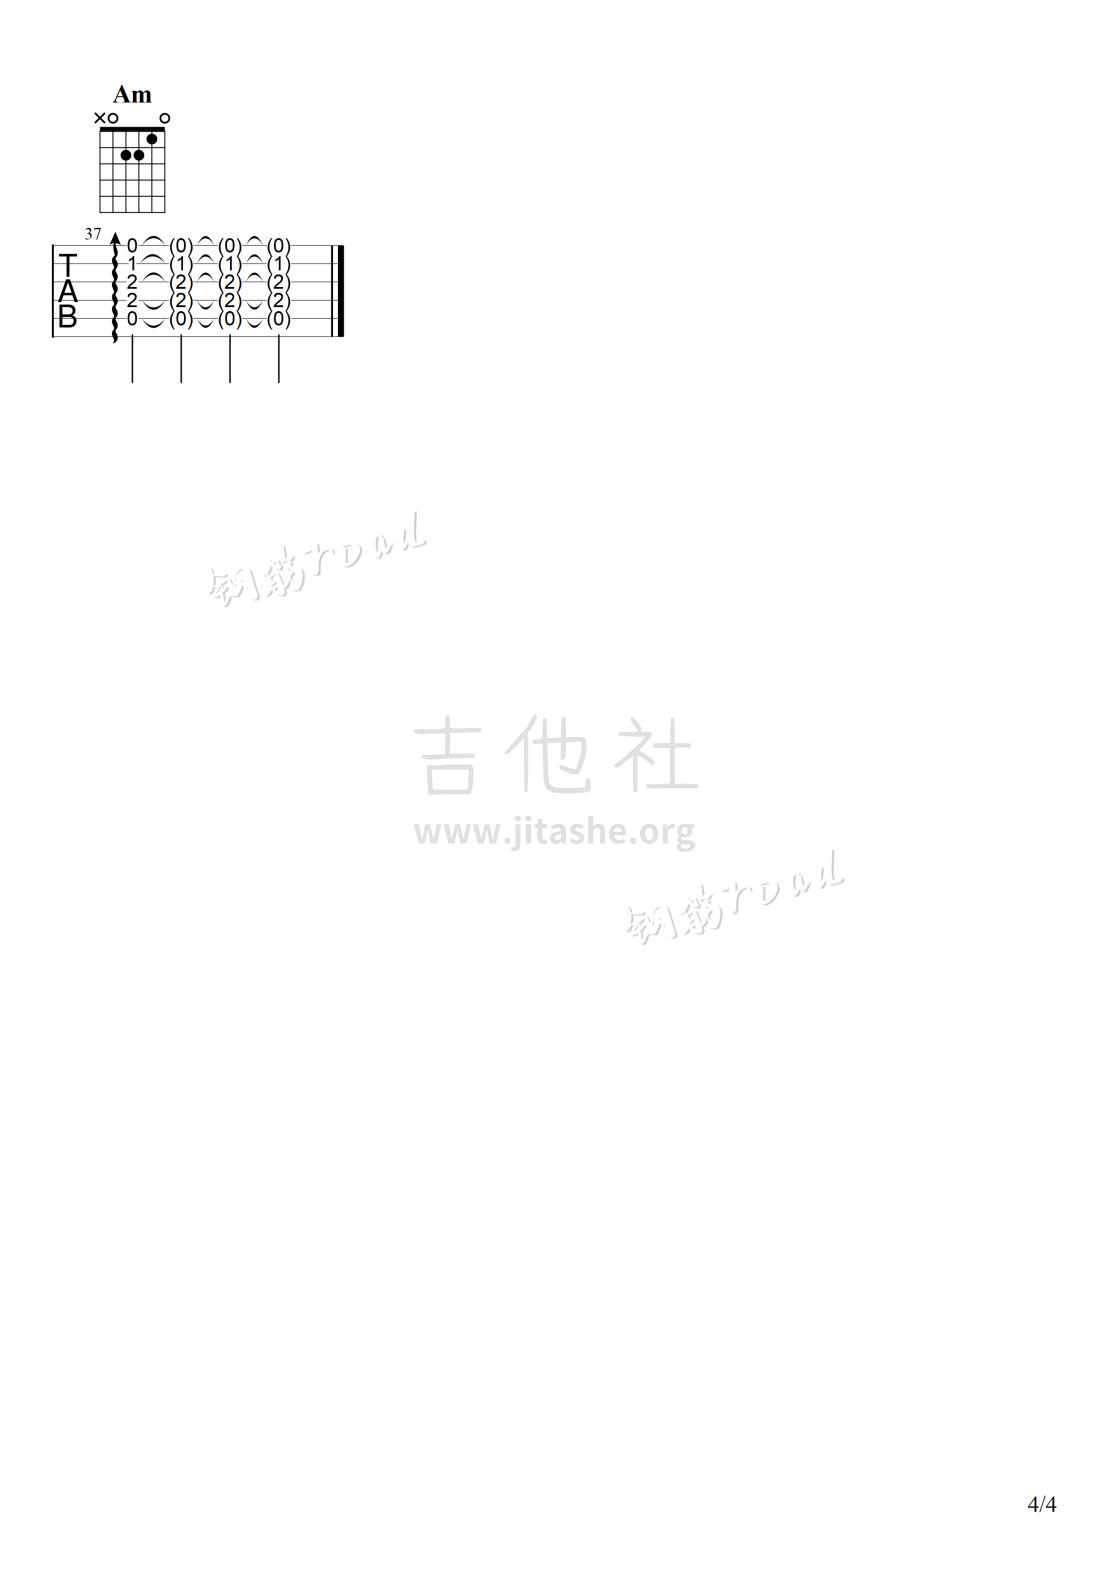 网剧《山河令》插曲 - 孤梦吉他谱(图片谱,弹唱,山河令,优酷电视剧)_张哲瀚_孤梦#4_副本.png